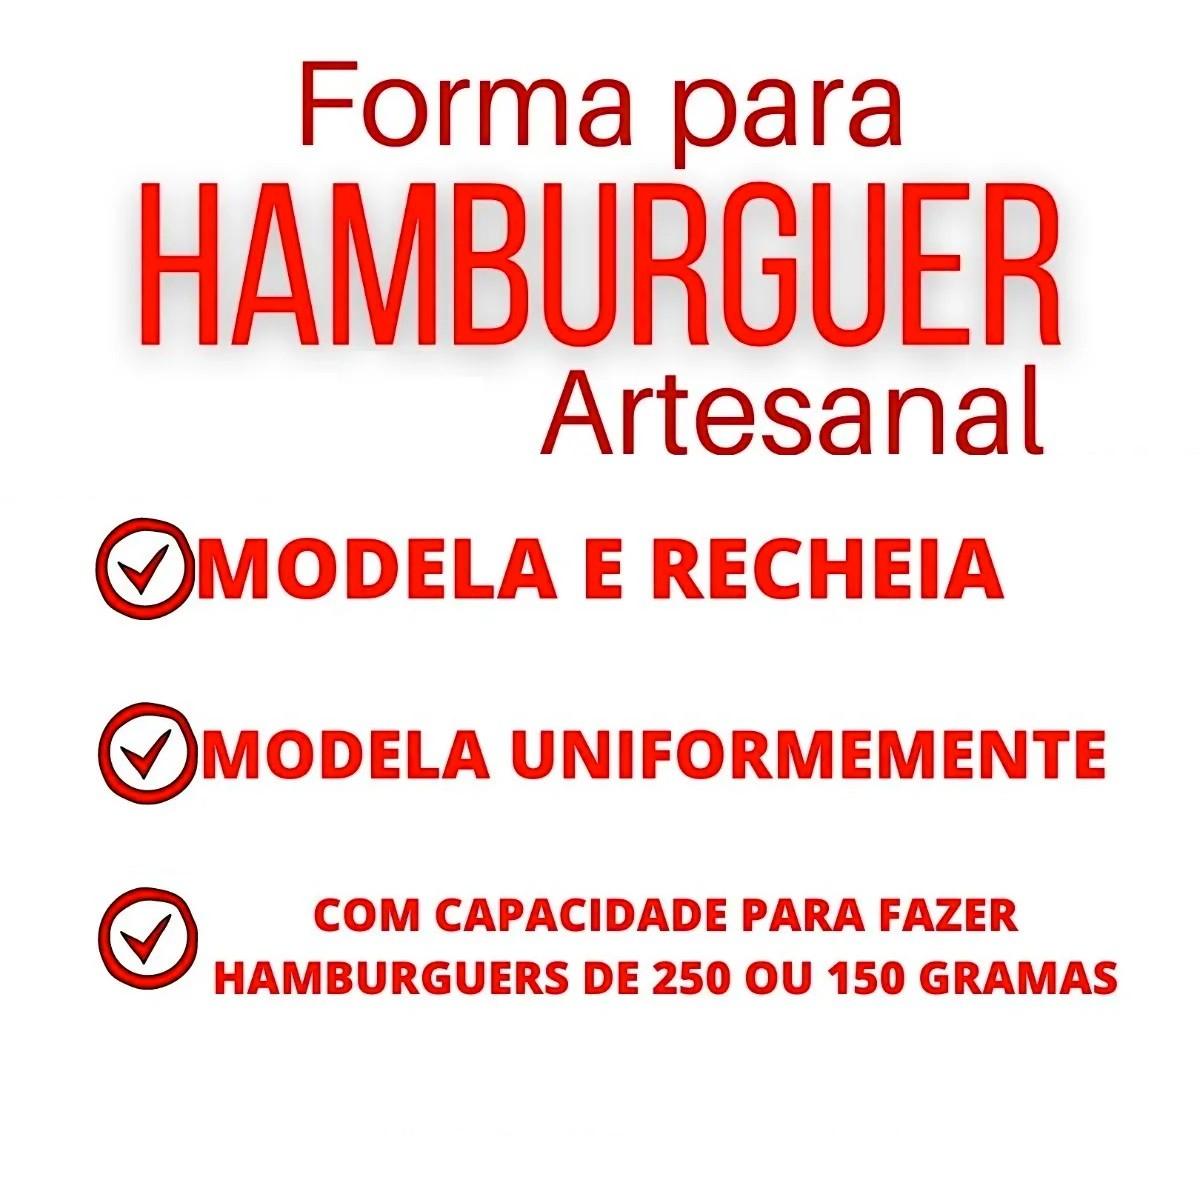 Forma para Hamburguer Gourmet Plasútil com Modelador de Recheio